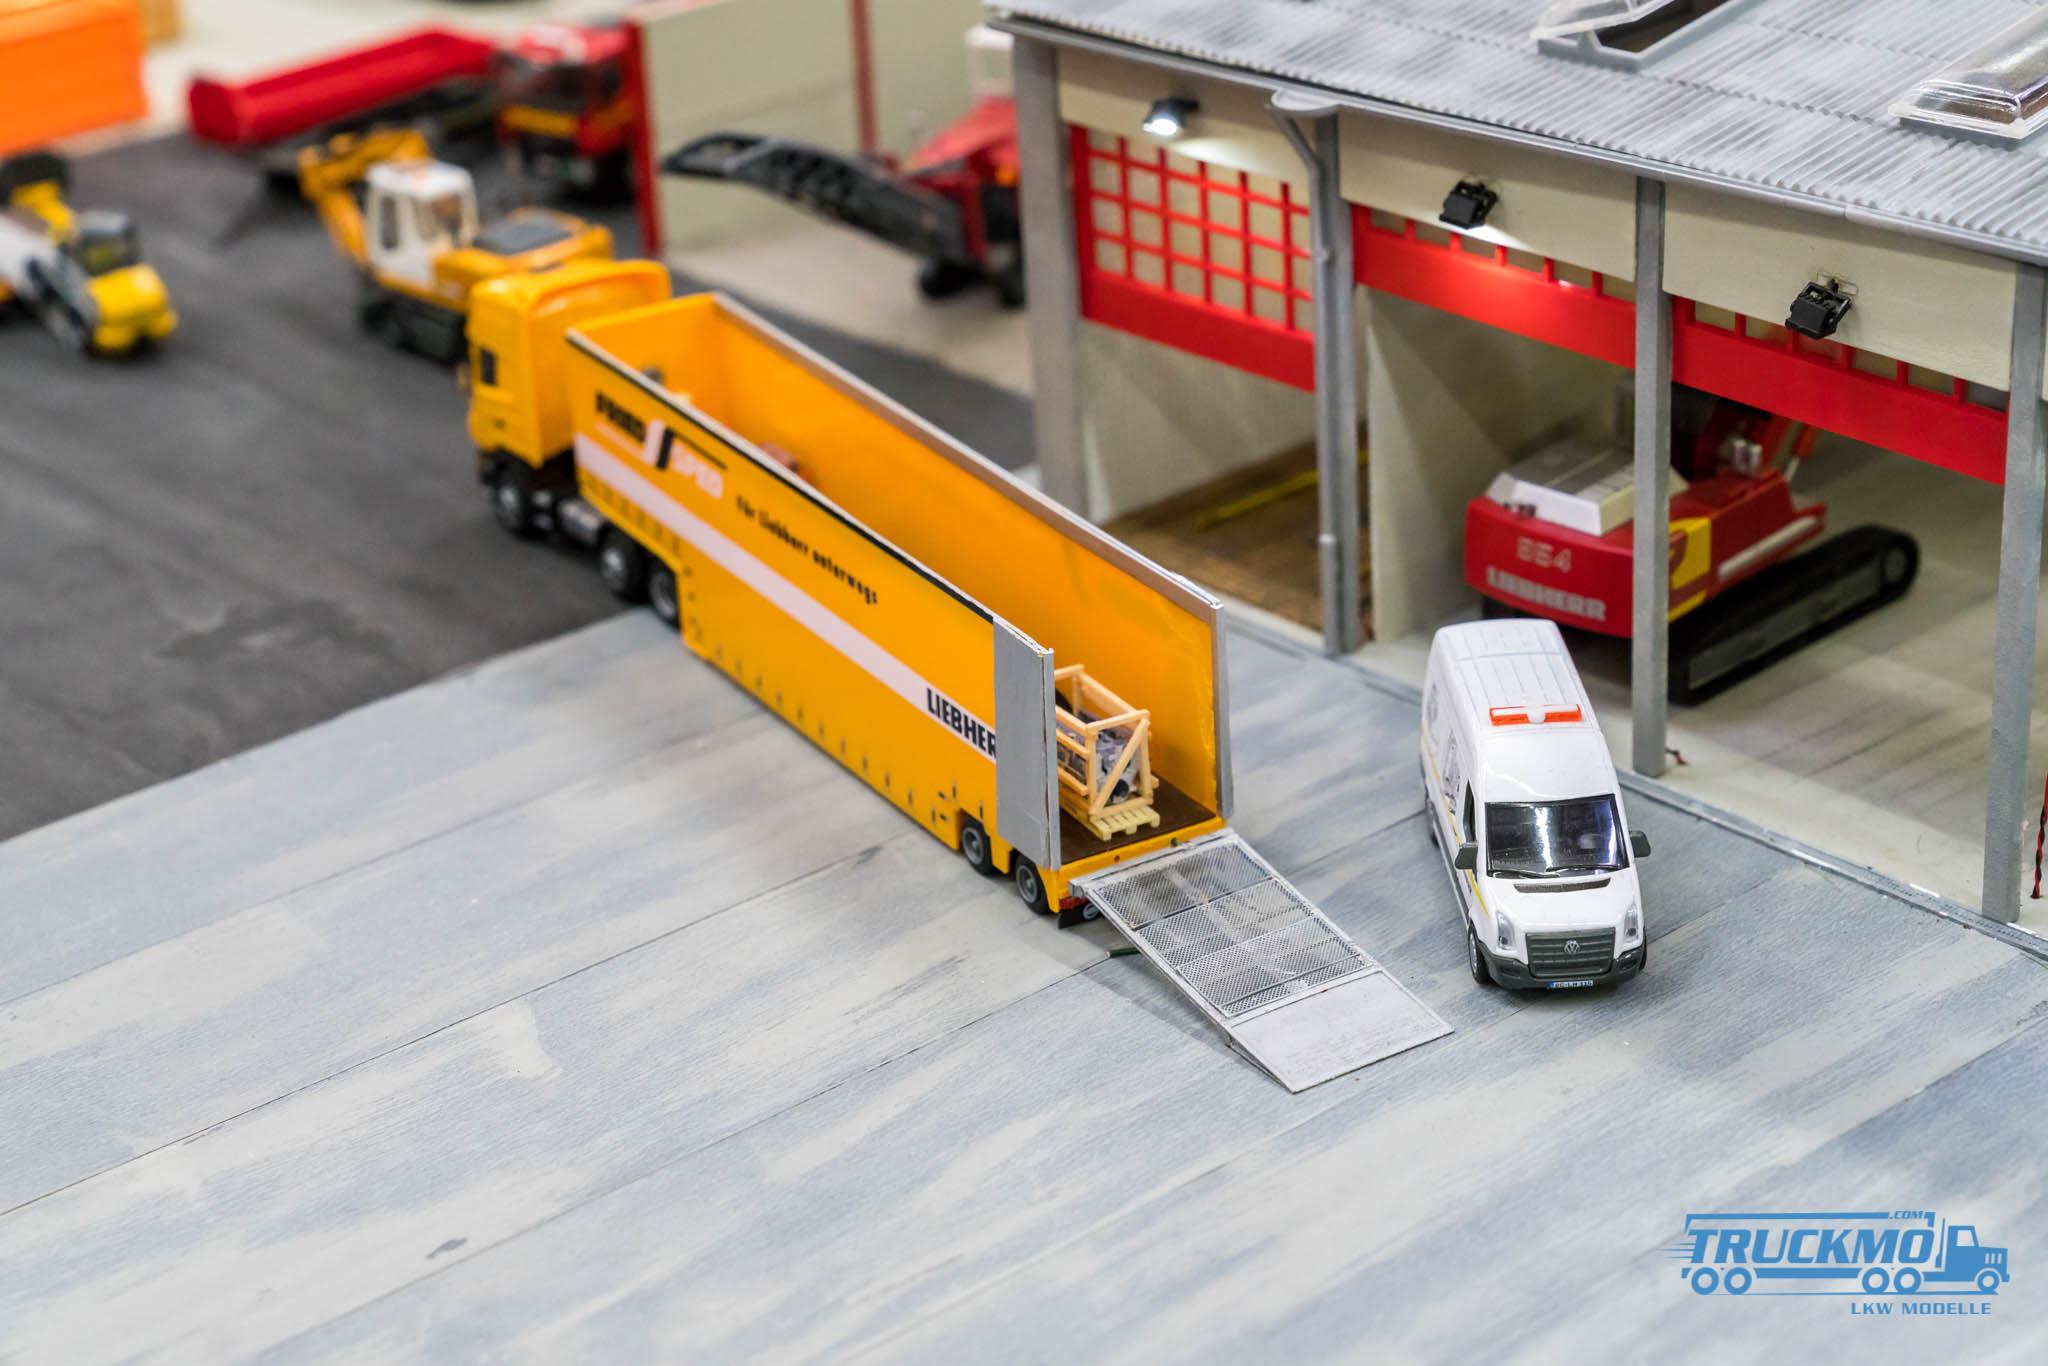 Truckmo_Modellbau_Ried_2017_Herpa_Messe_Modellbauausstellung (249 von 1177)